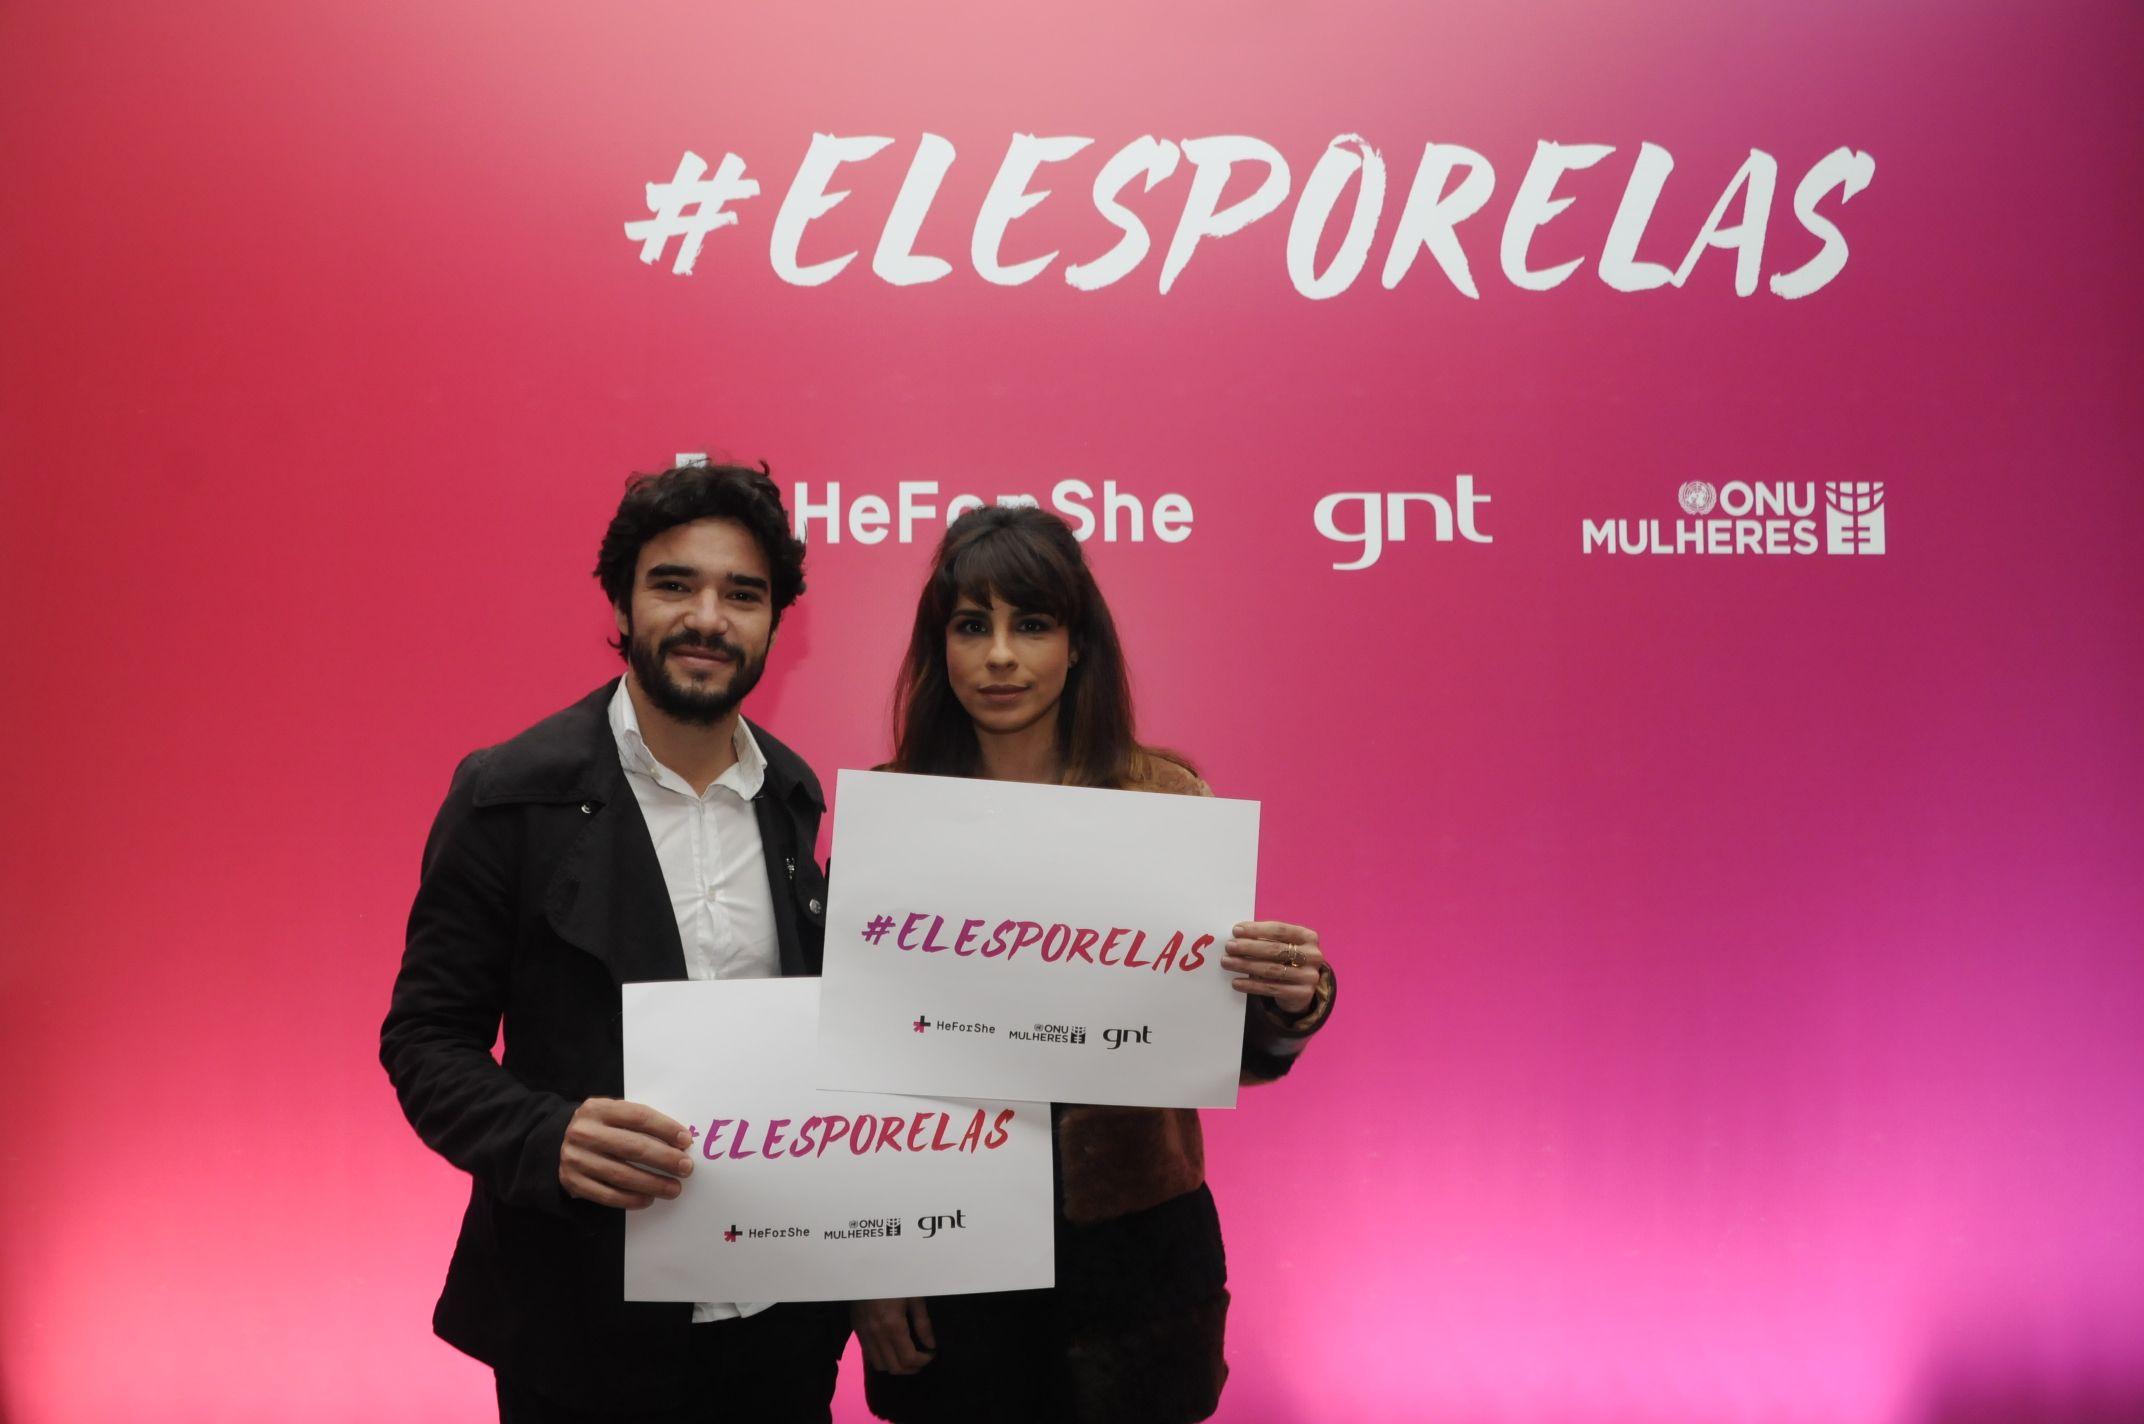 Eles por nós: campanha por igualdade de gêneros chega ao Brasil #HeForShe